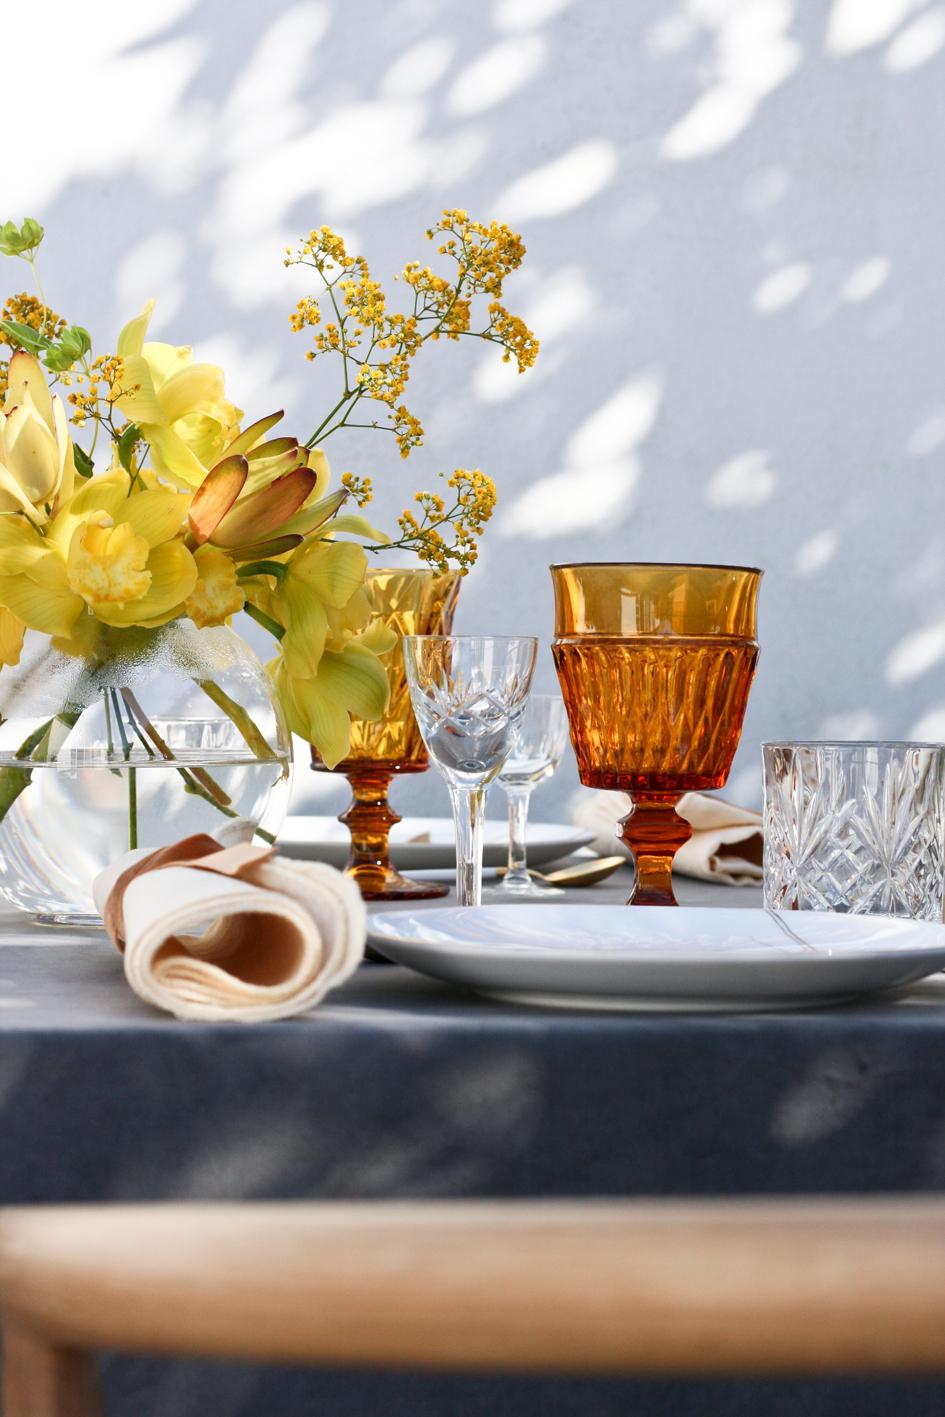 A table story_påskebord_leje af service_påskeblomster (15 of 19)